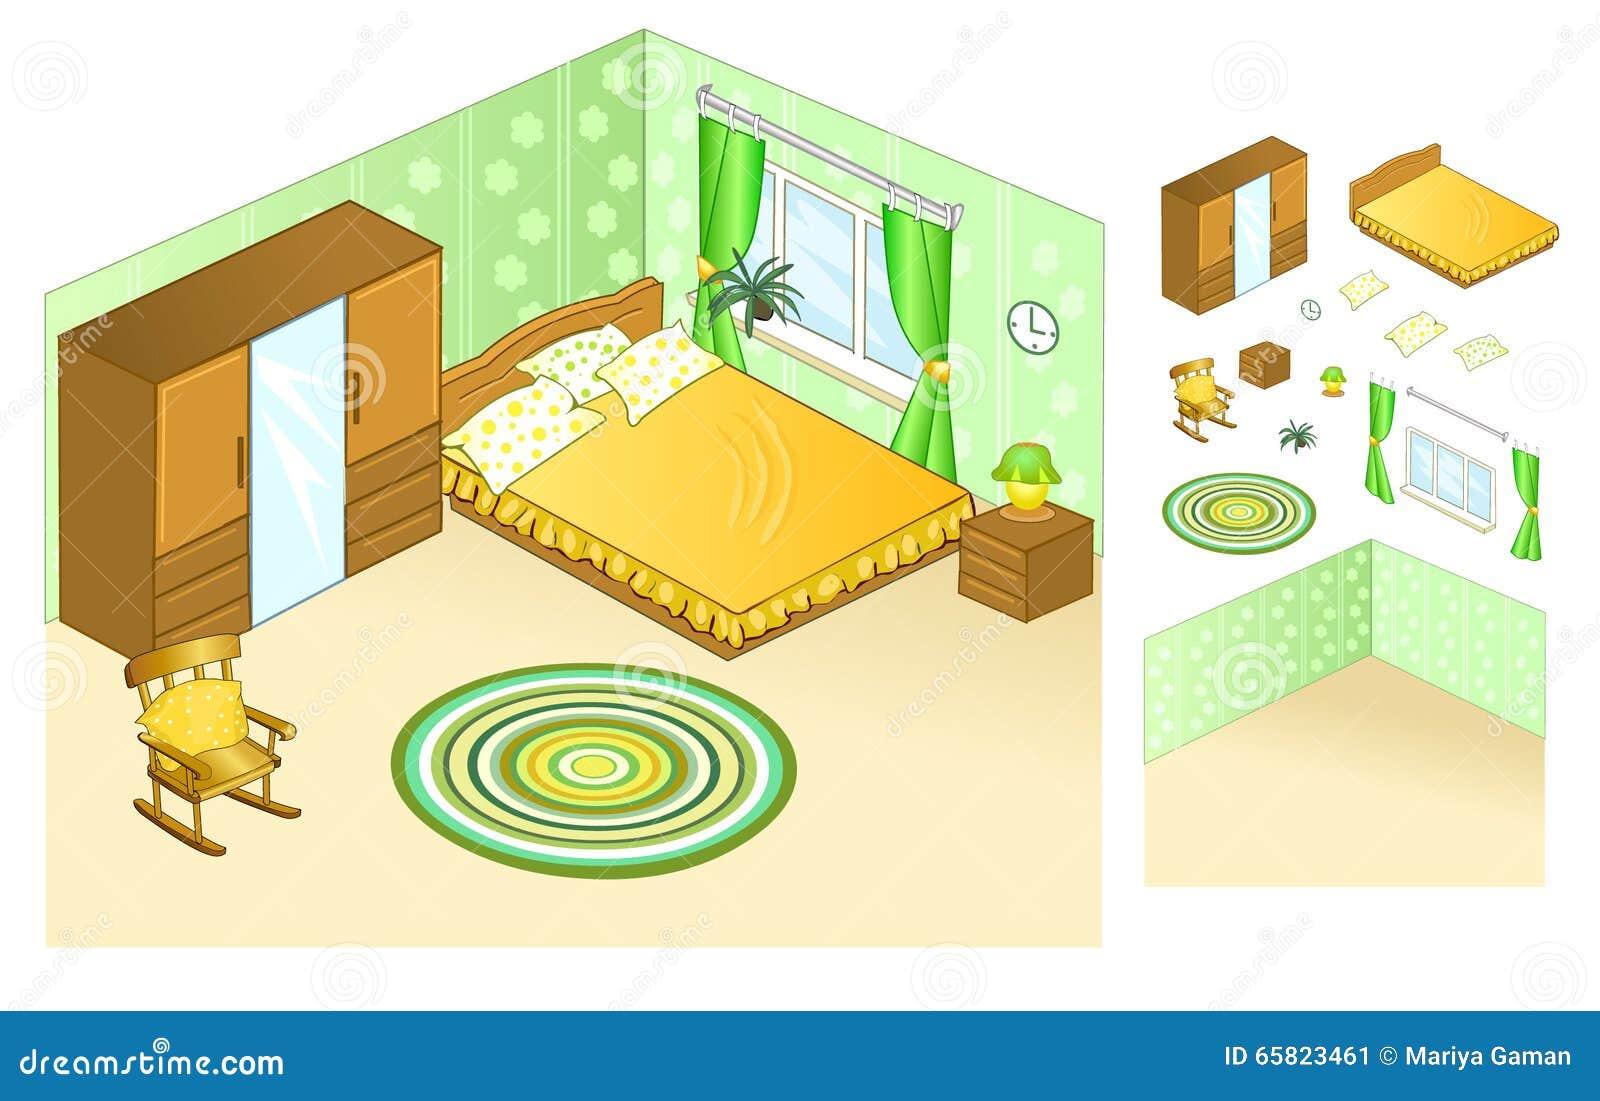 Innenraum Der Wohnung Schlafzimmer Bett Mit Kissen Am Fenster ...